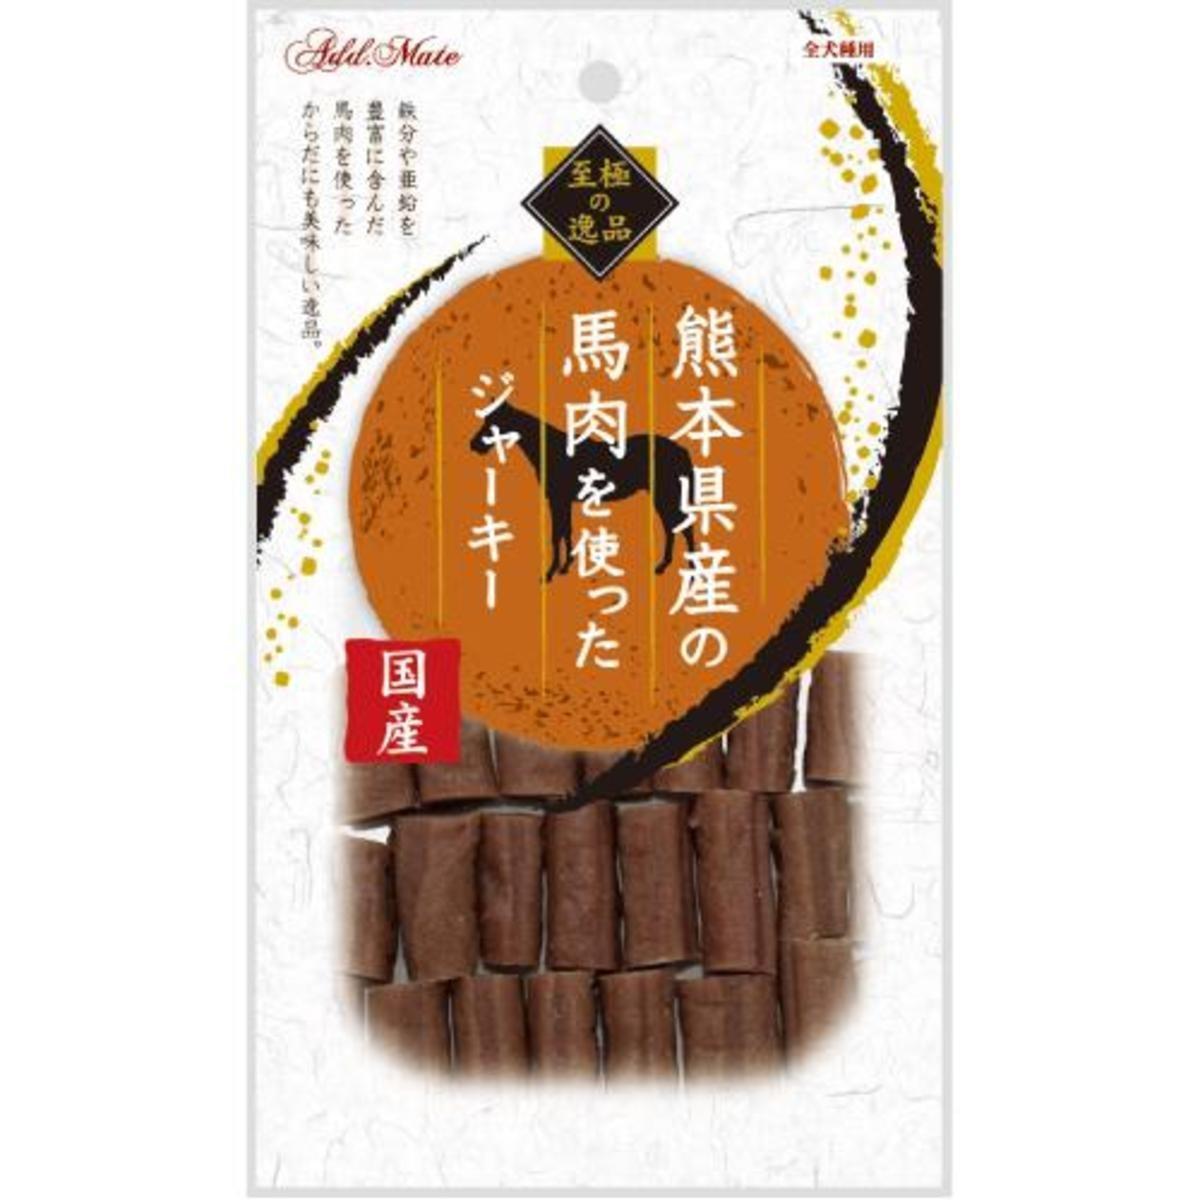 狗小食熊本馬肉乾(A12378)